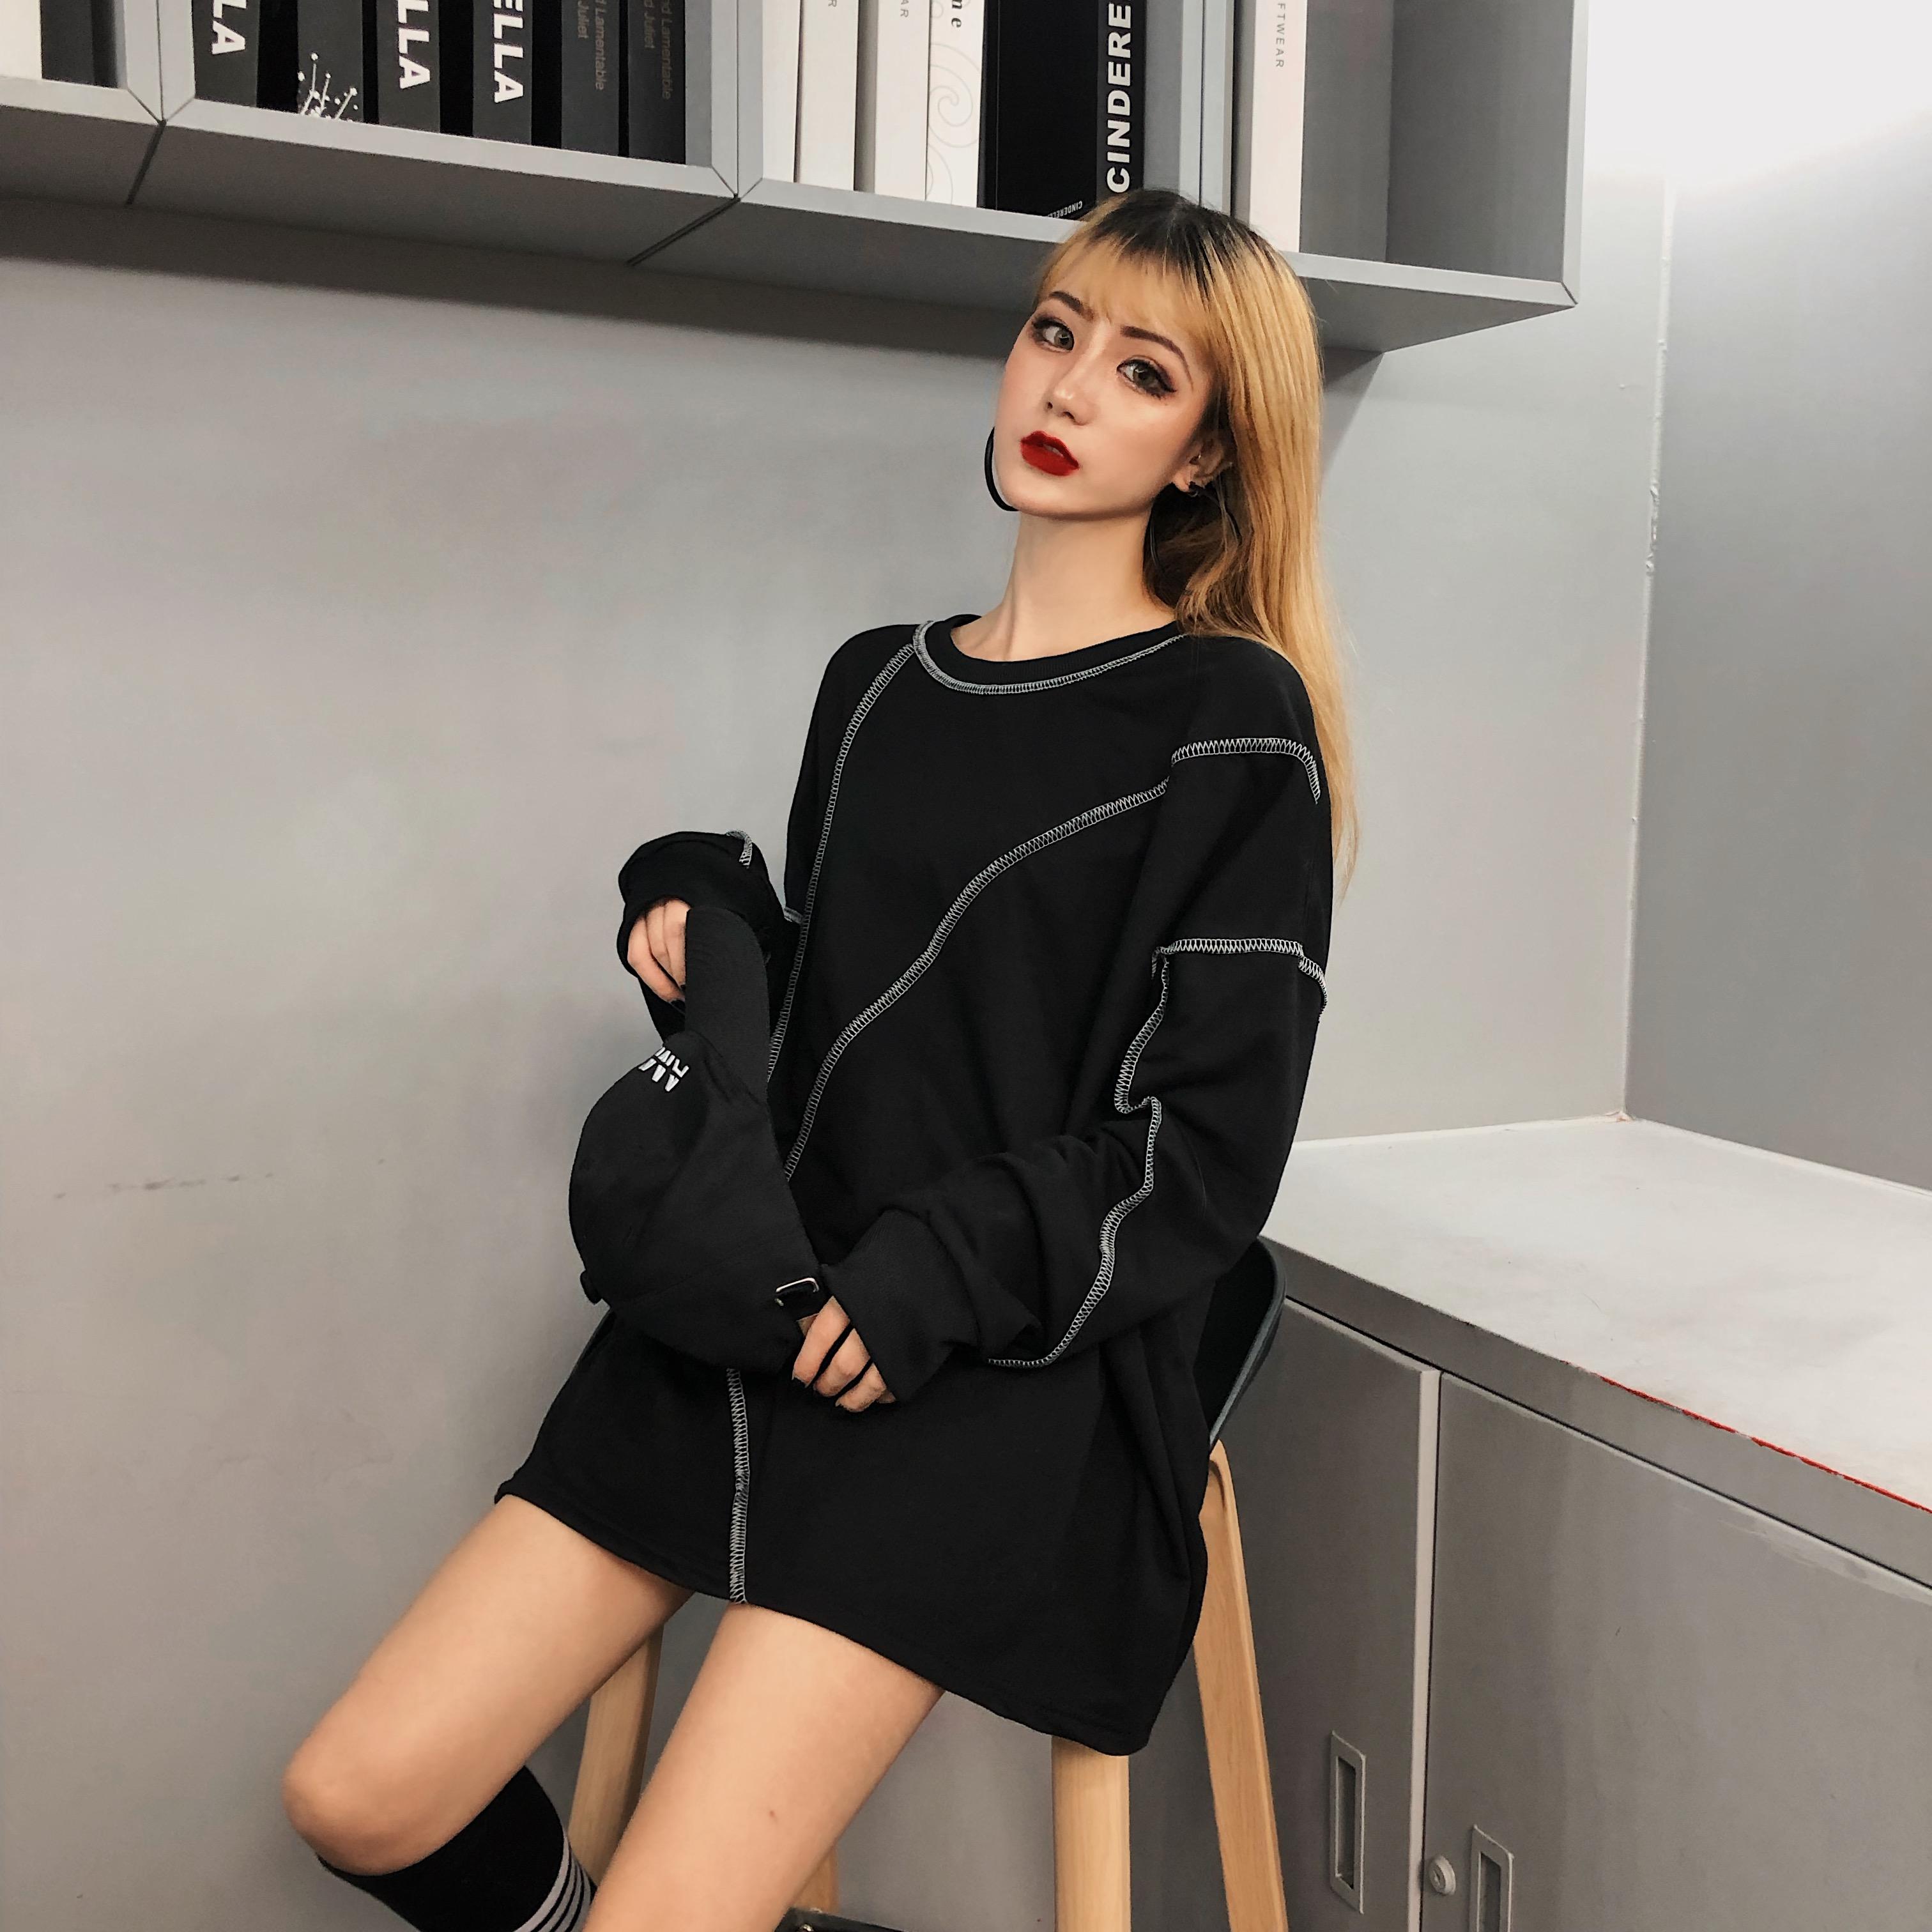 早秋韩版中长款宽松个性设计情侣款慵懒风套头T恤卫衣上衣女